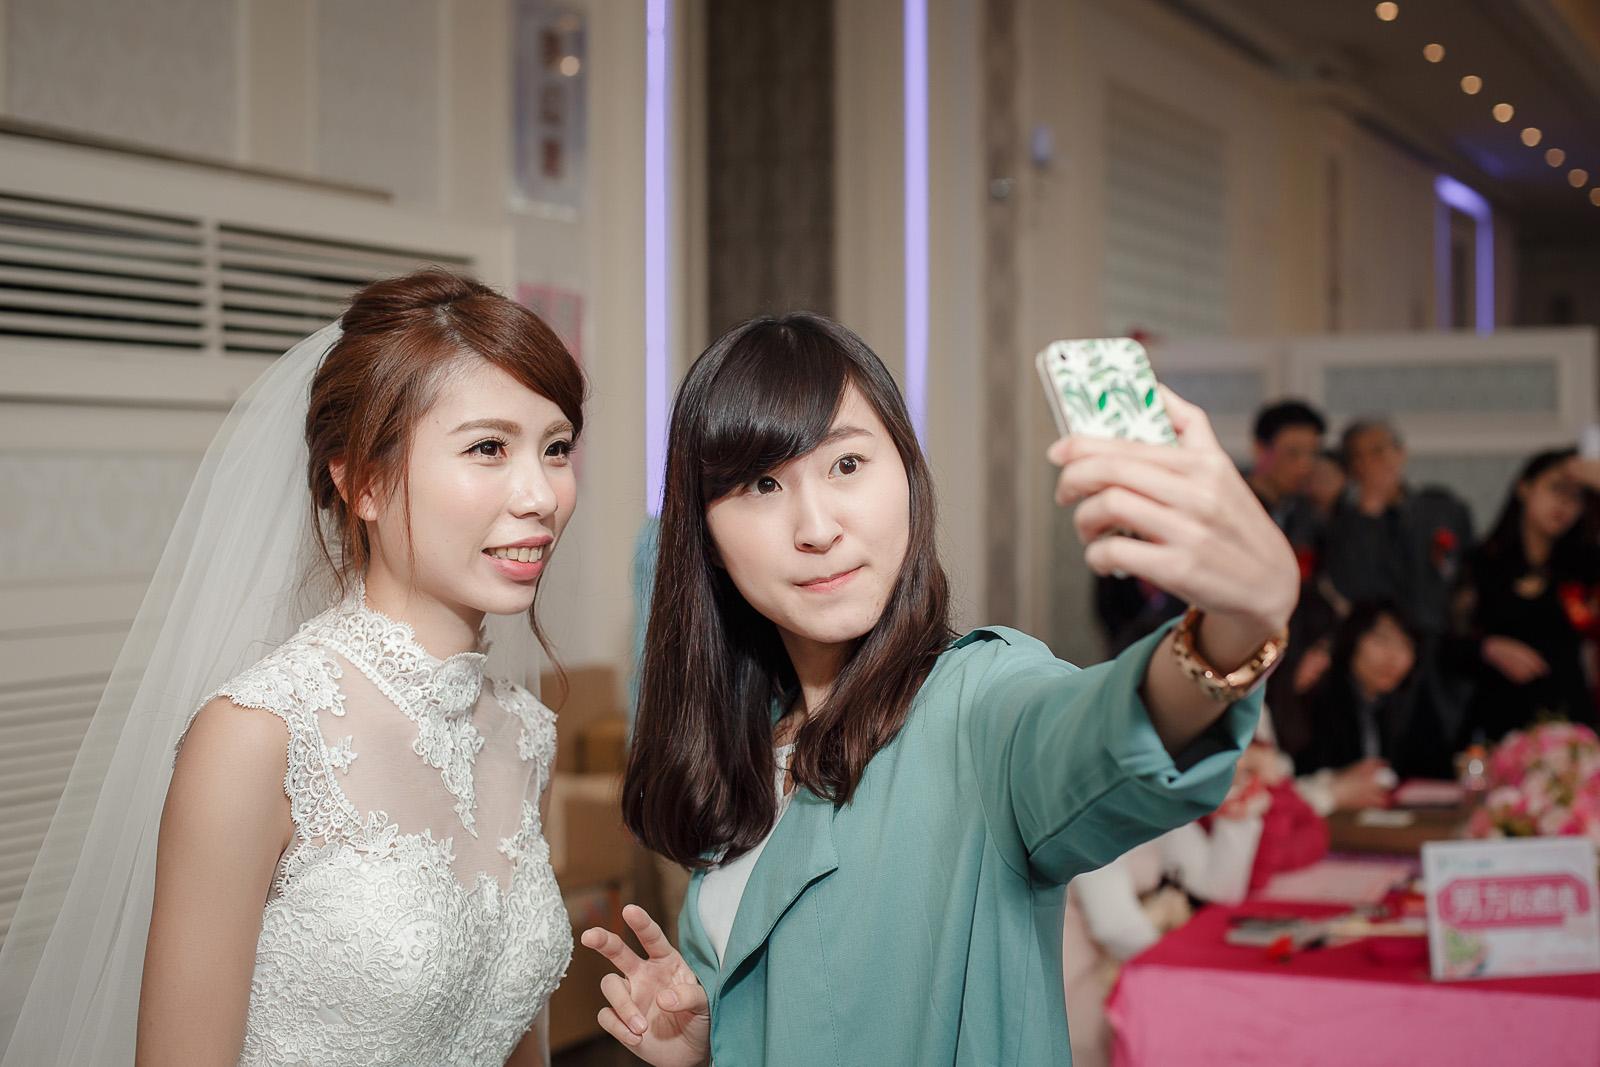 高雄圓山飯店,婚禮攝影,婚攝,高雄婚攝,優質婚攝推薦,Jen&Ethan-206